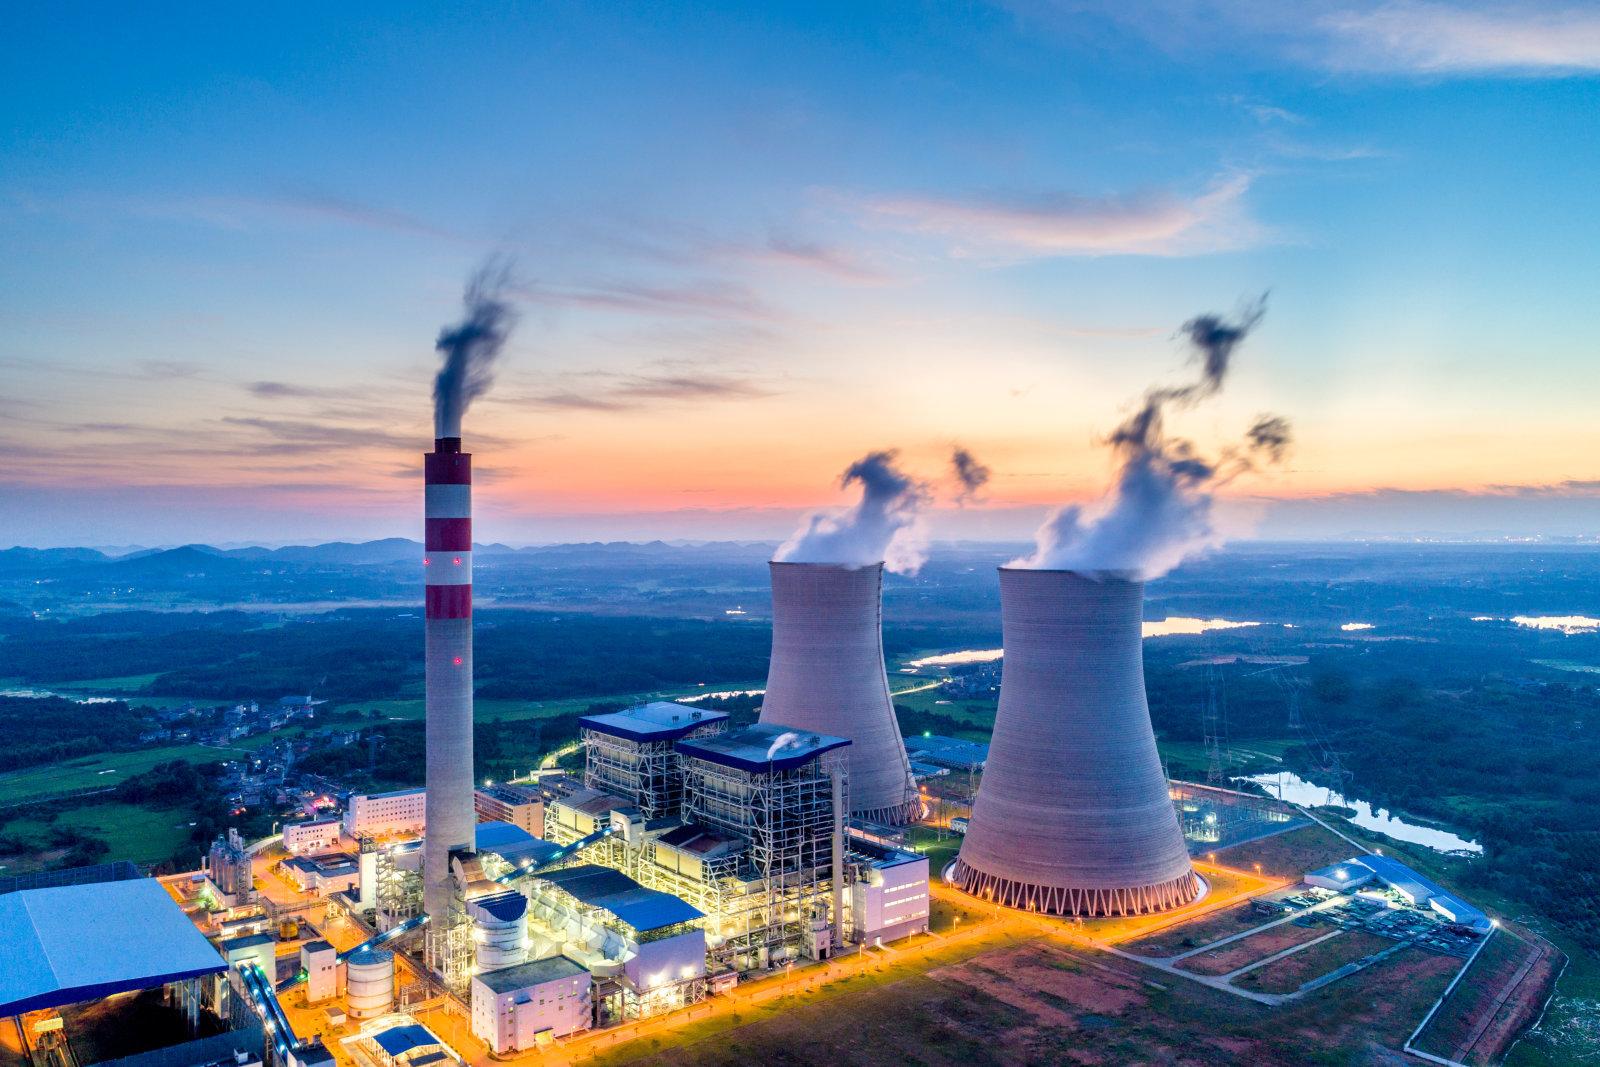 انتشار فعلی گاز دی اکسید کربن دمای زمین را بیش از 1.5 درجه سانتیگراد بالا خواهد برد